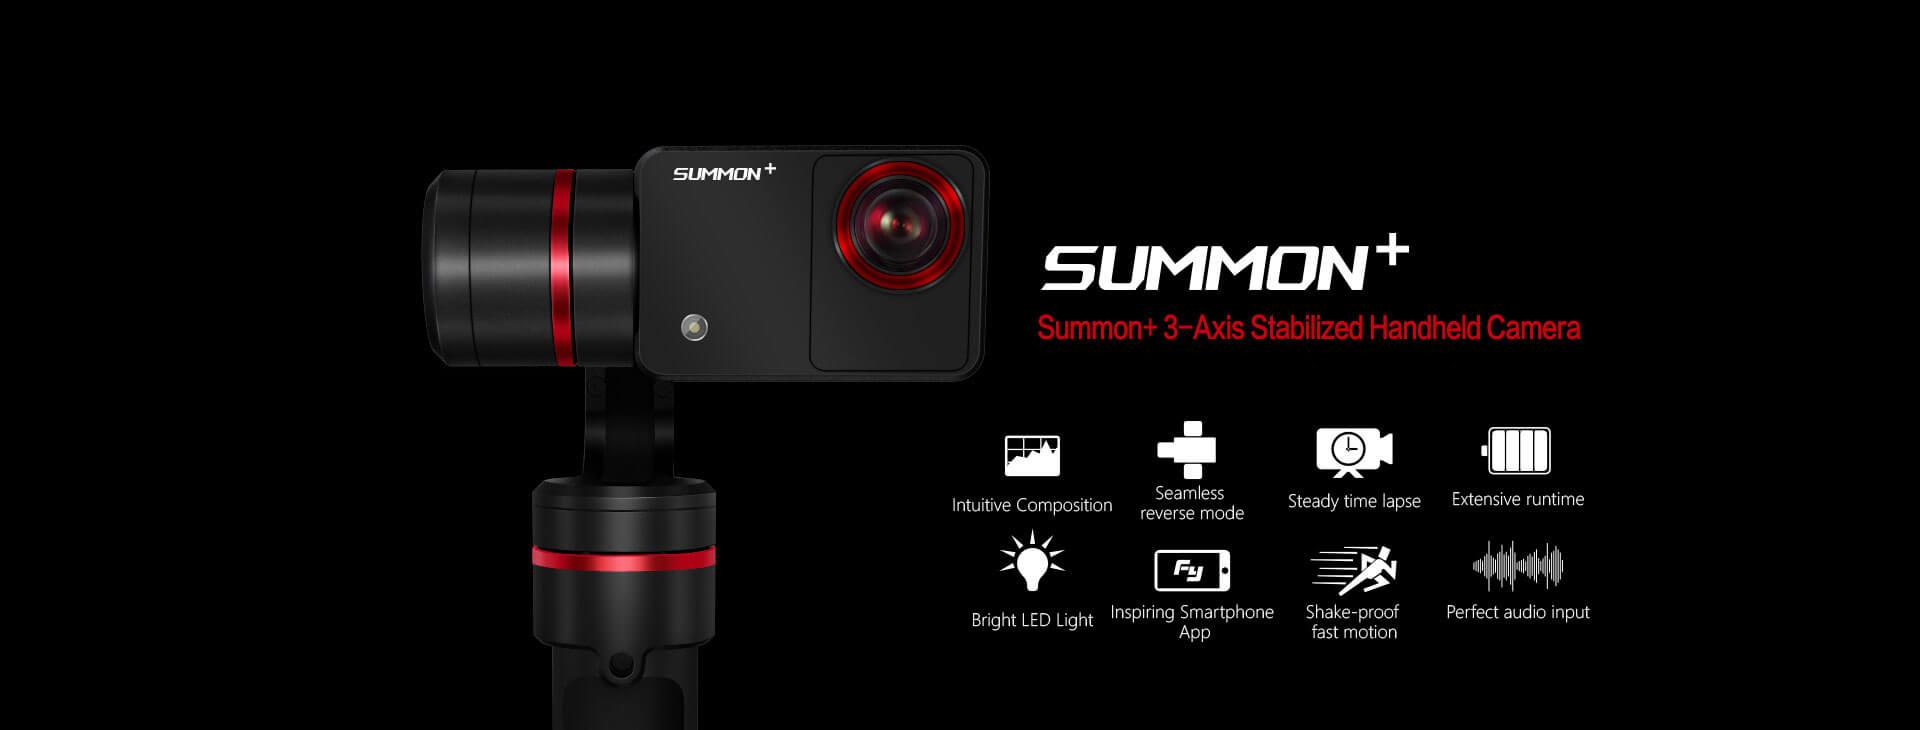 summon_01.jpg